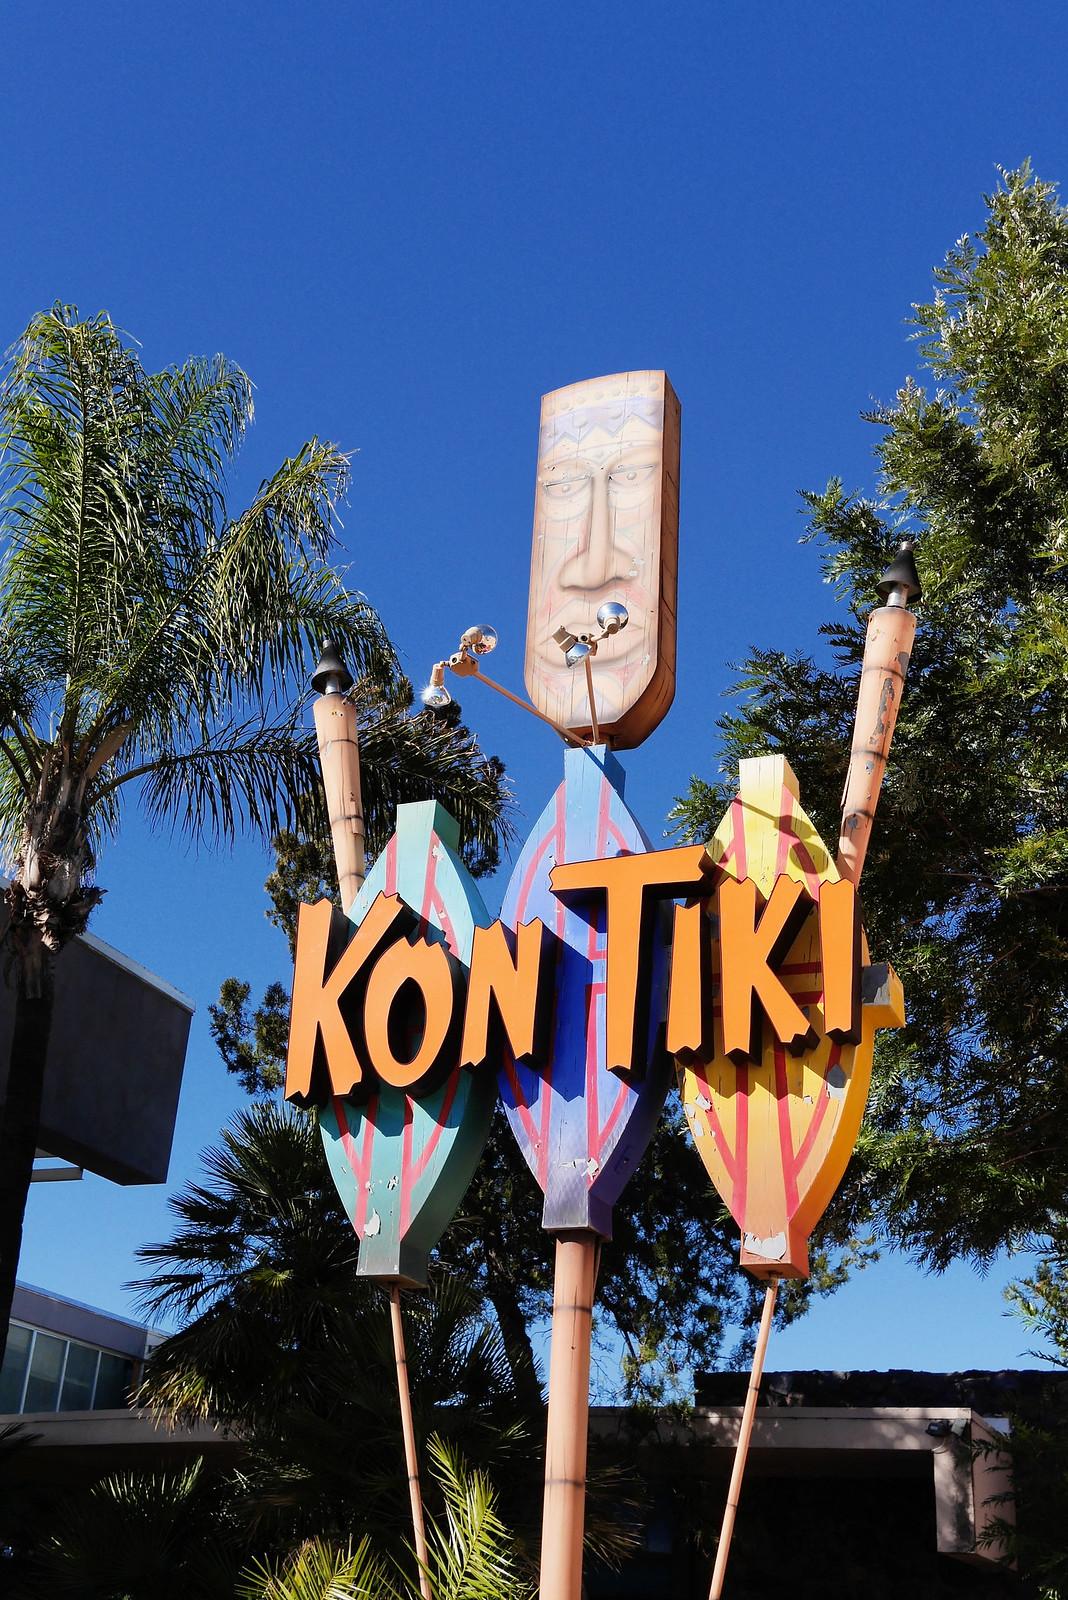 Kon-Tiki-Tucson-1